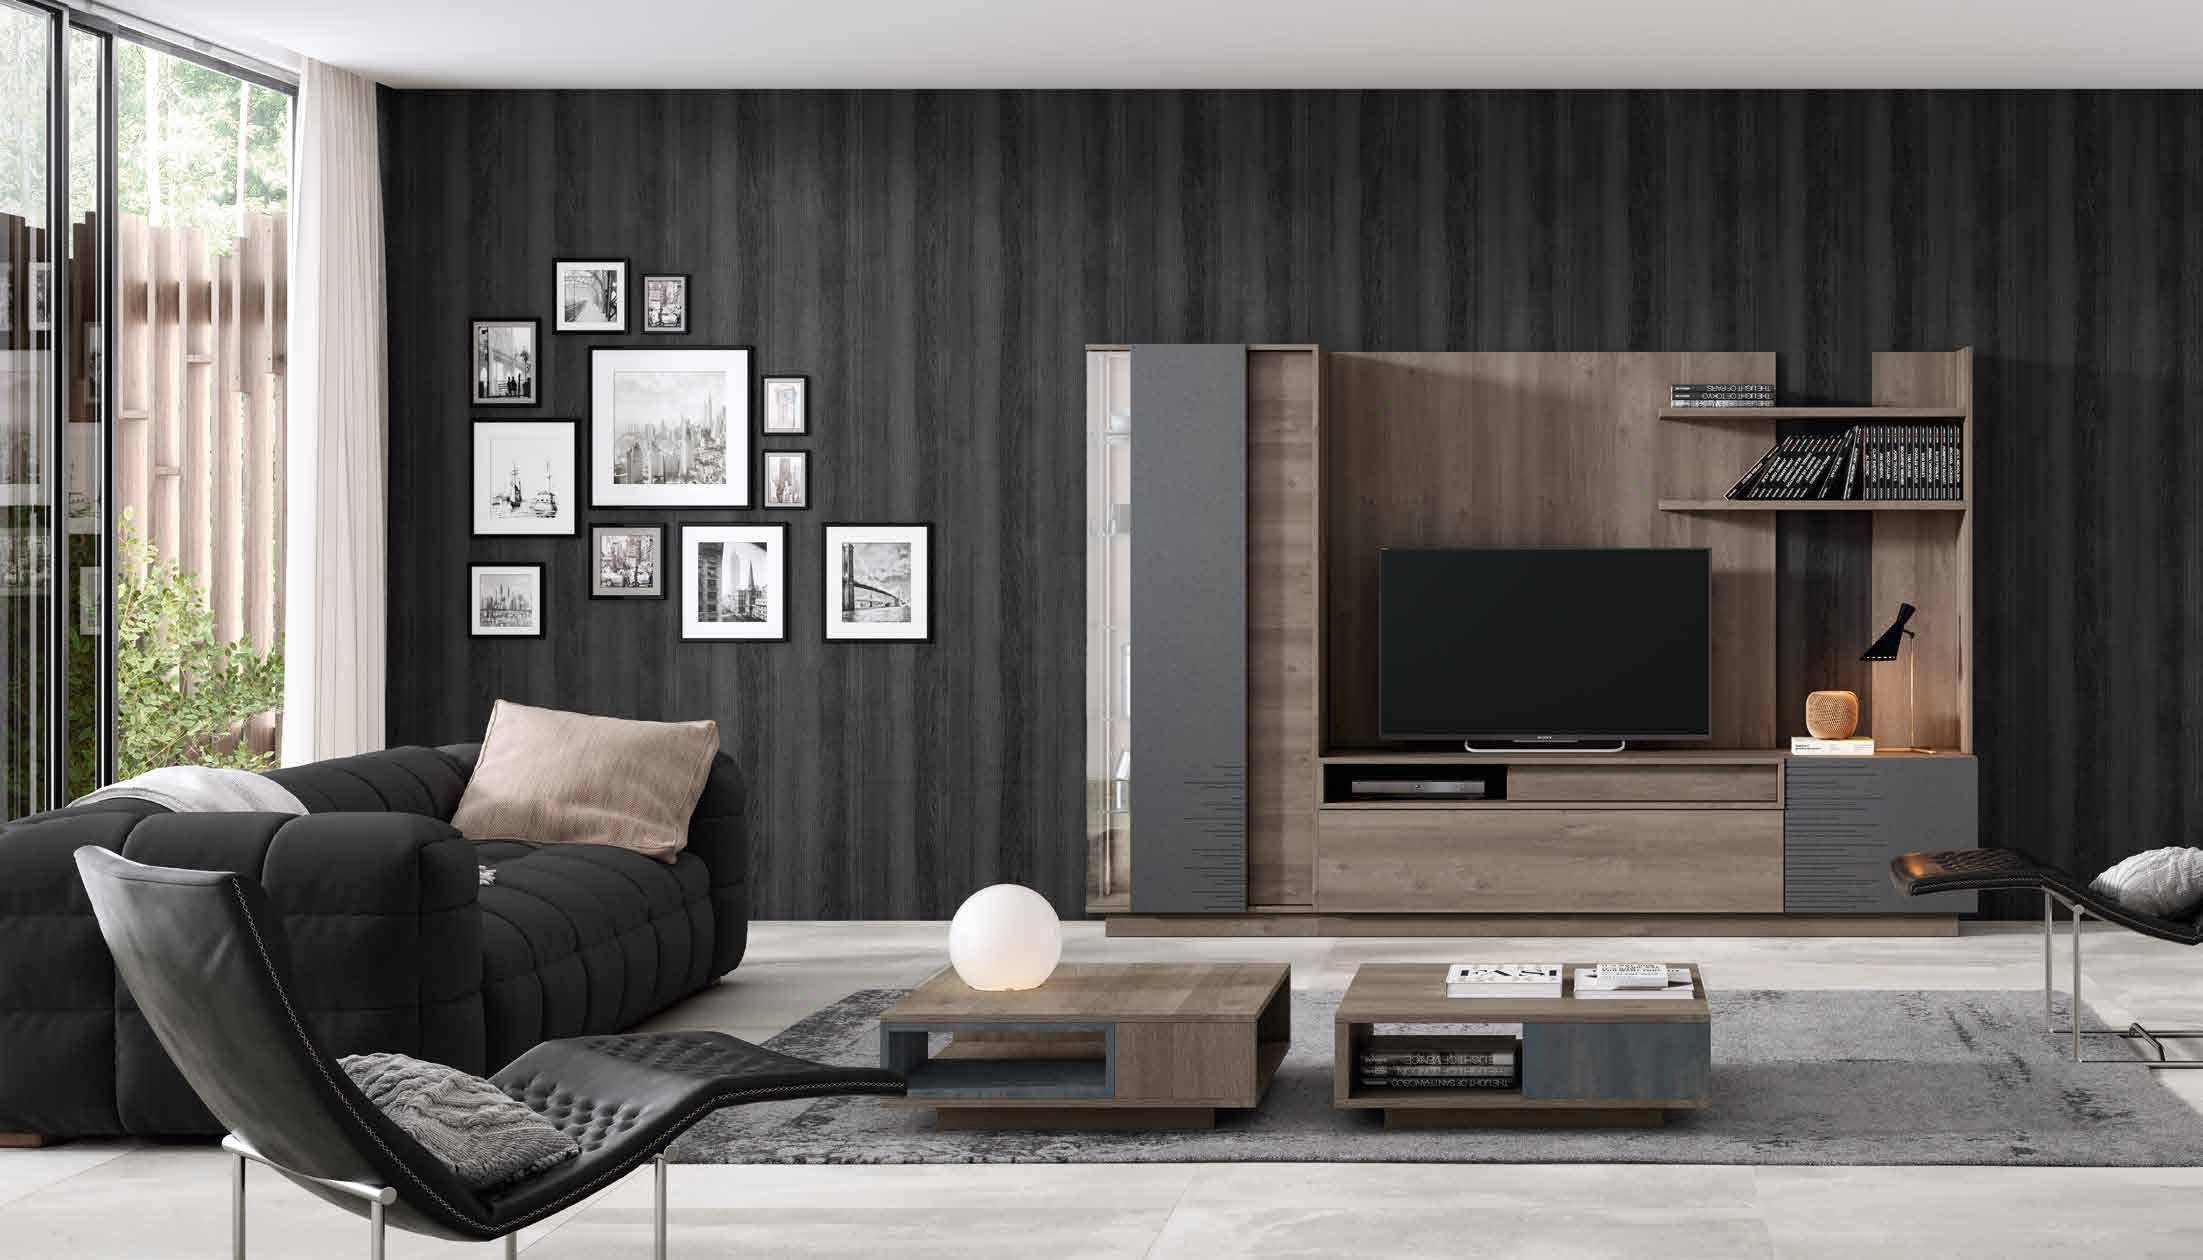 Muebles De Todos Los Estilos Y Precios Muebles Sipo # Muebles Sipo Los Barrios